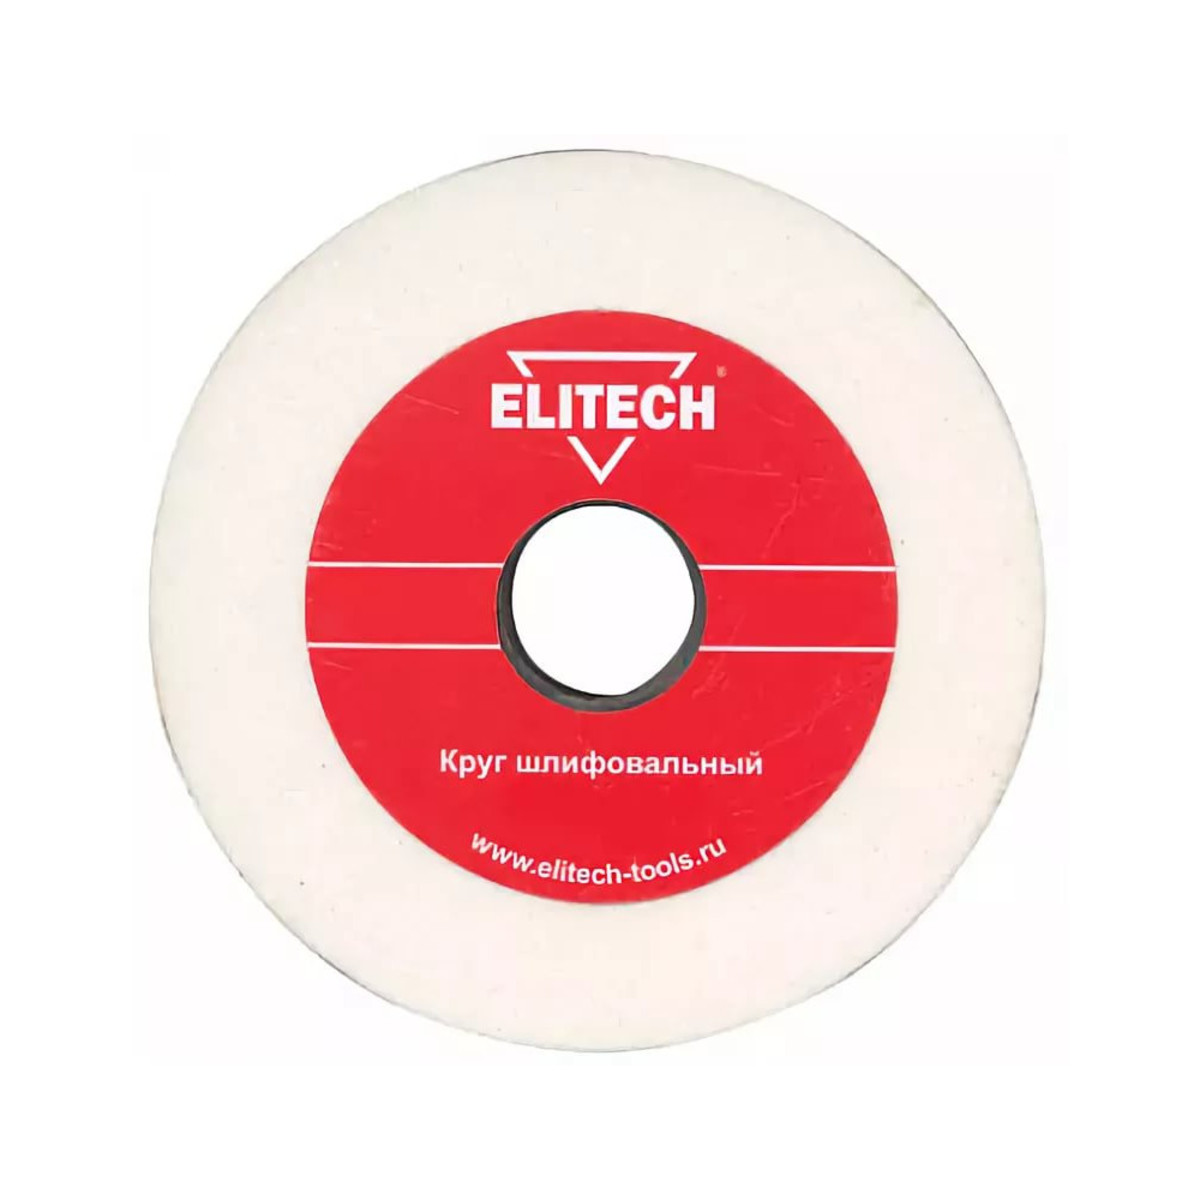 Диск Алмазный Elitech 200x25x32 11100019